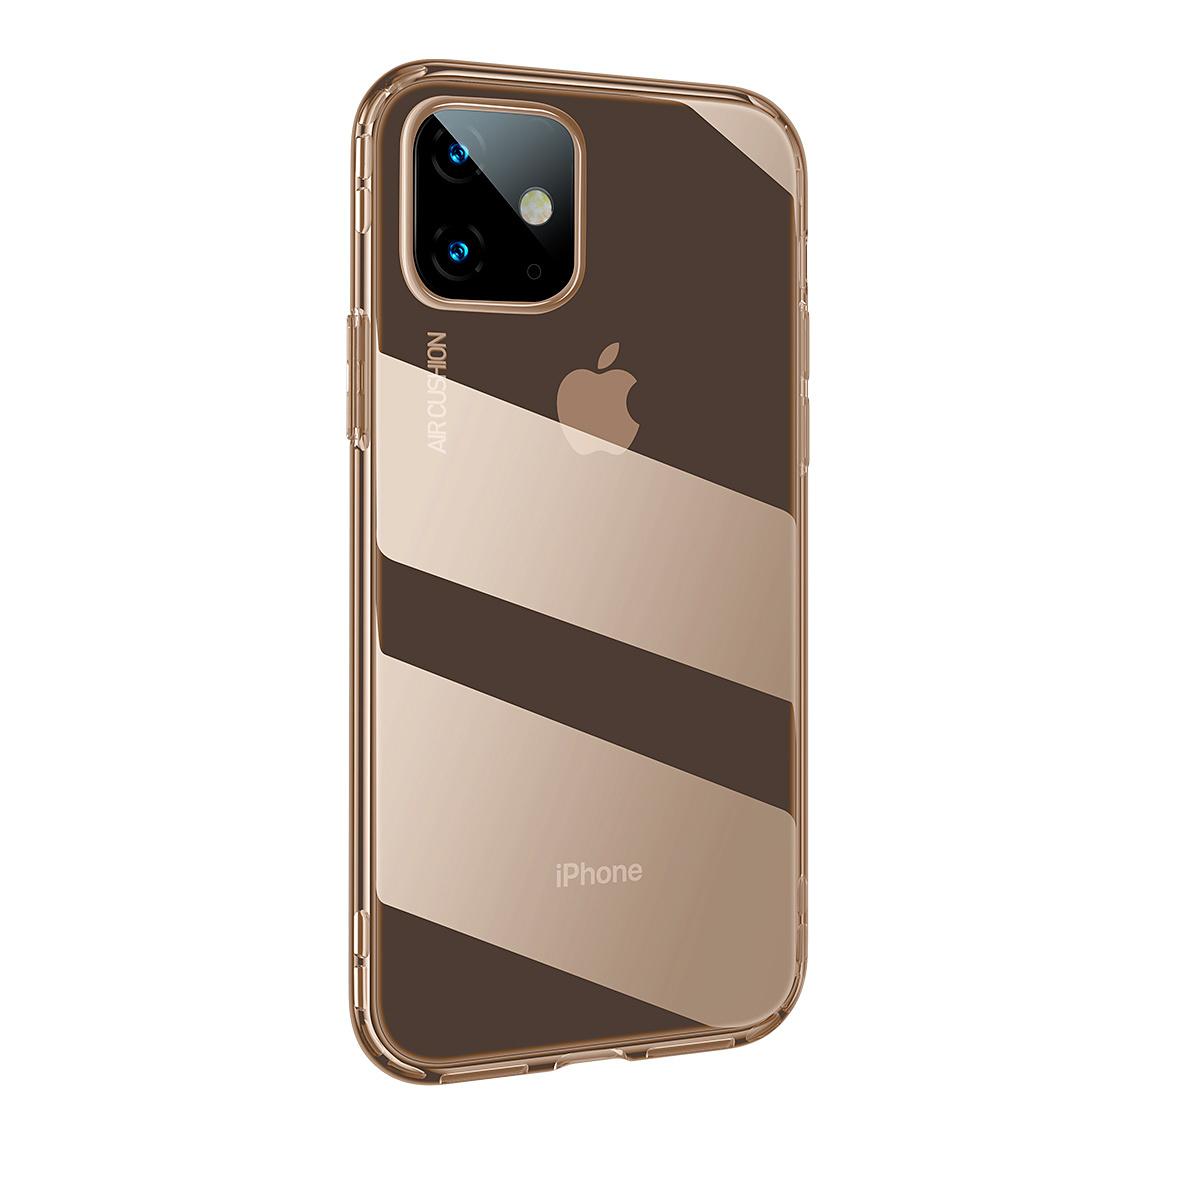 BASEUS stötsäkert TPU-skal, iPhone 11, guld/transparent